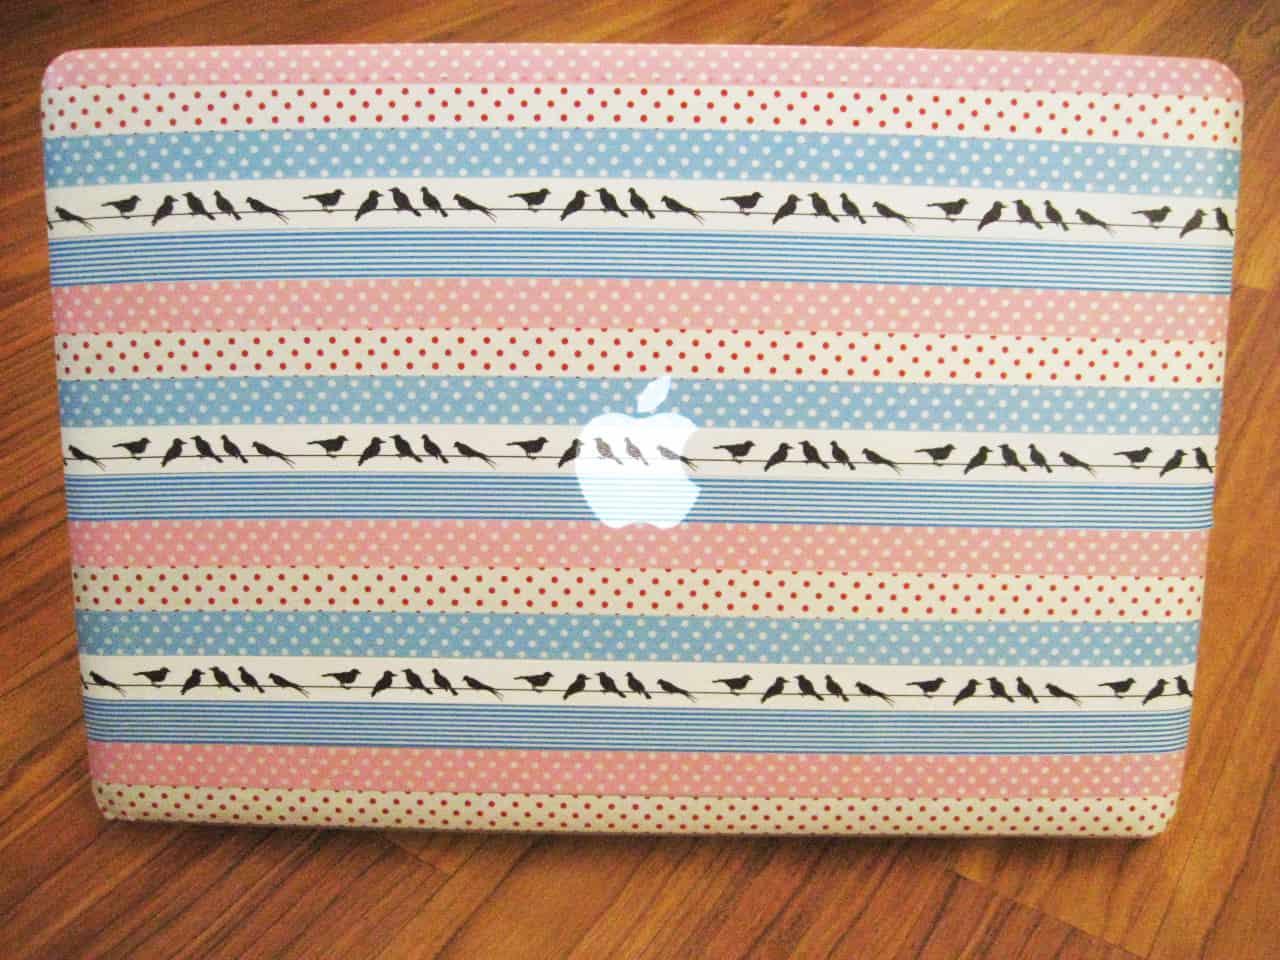 Washi tape laptop skin